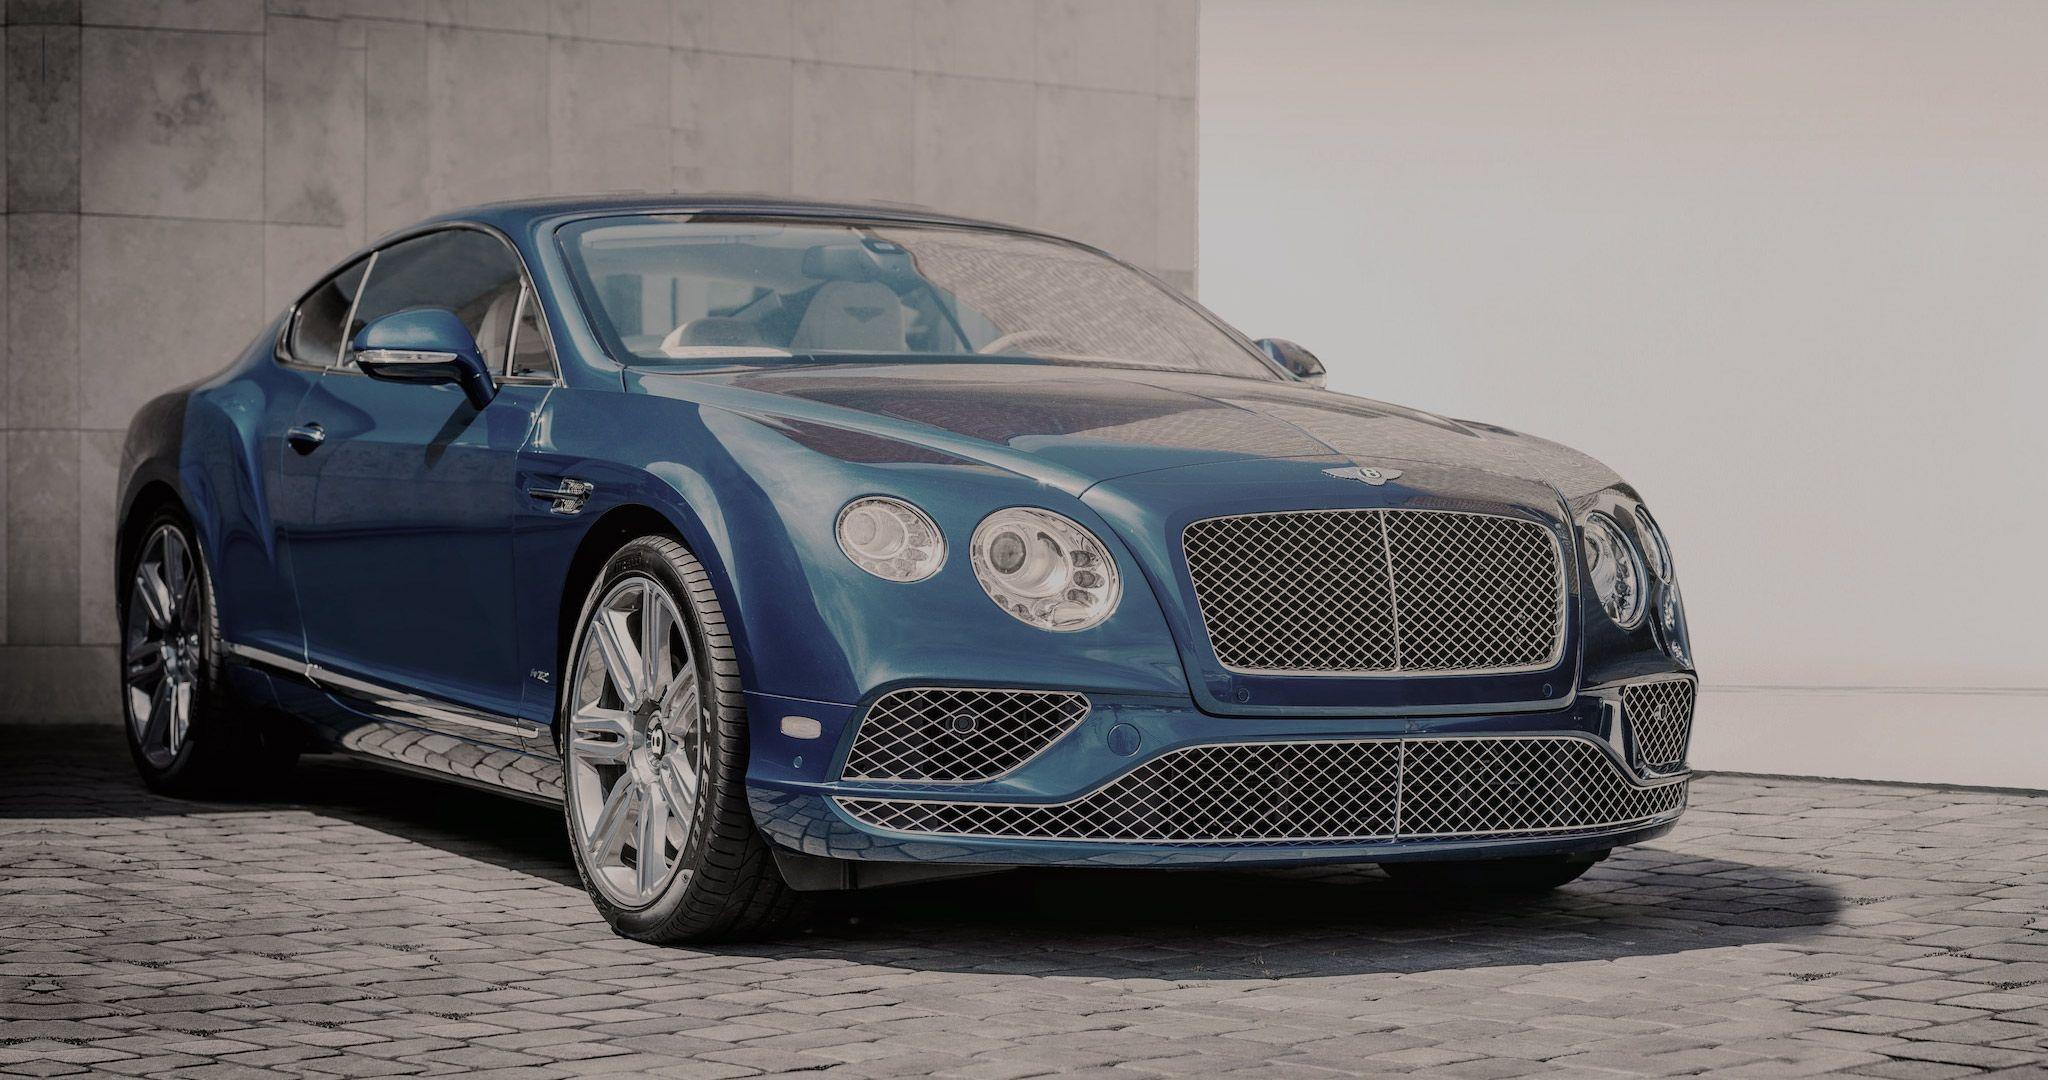 Car Rental Montreal >> I Pinimg Com Originals 80 62 1a 80621a156dbf70d3bb